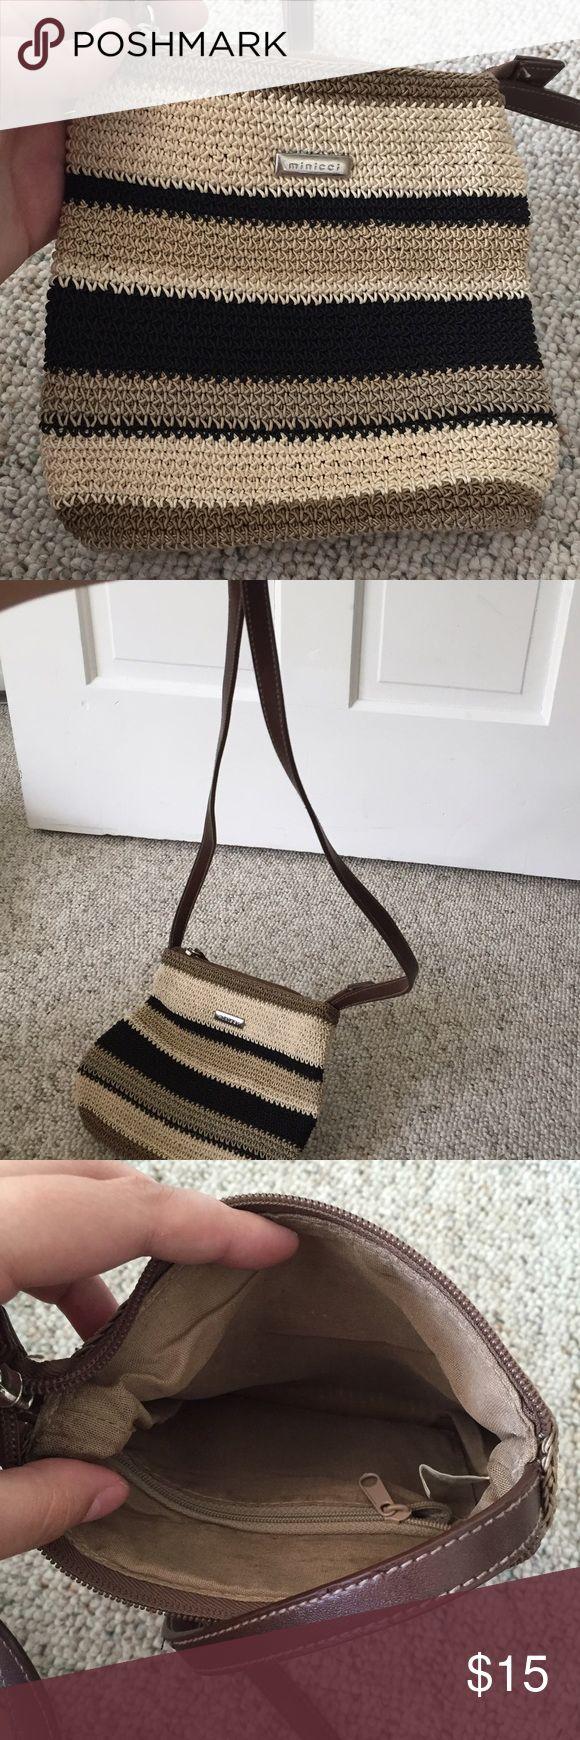 Minicci Bags - Minicci striped textile purse